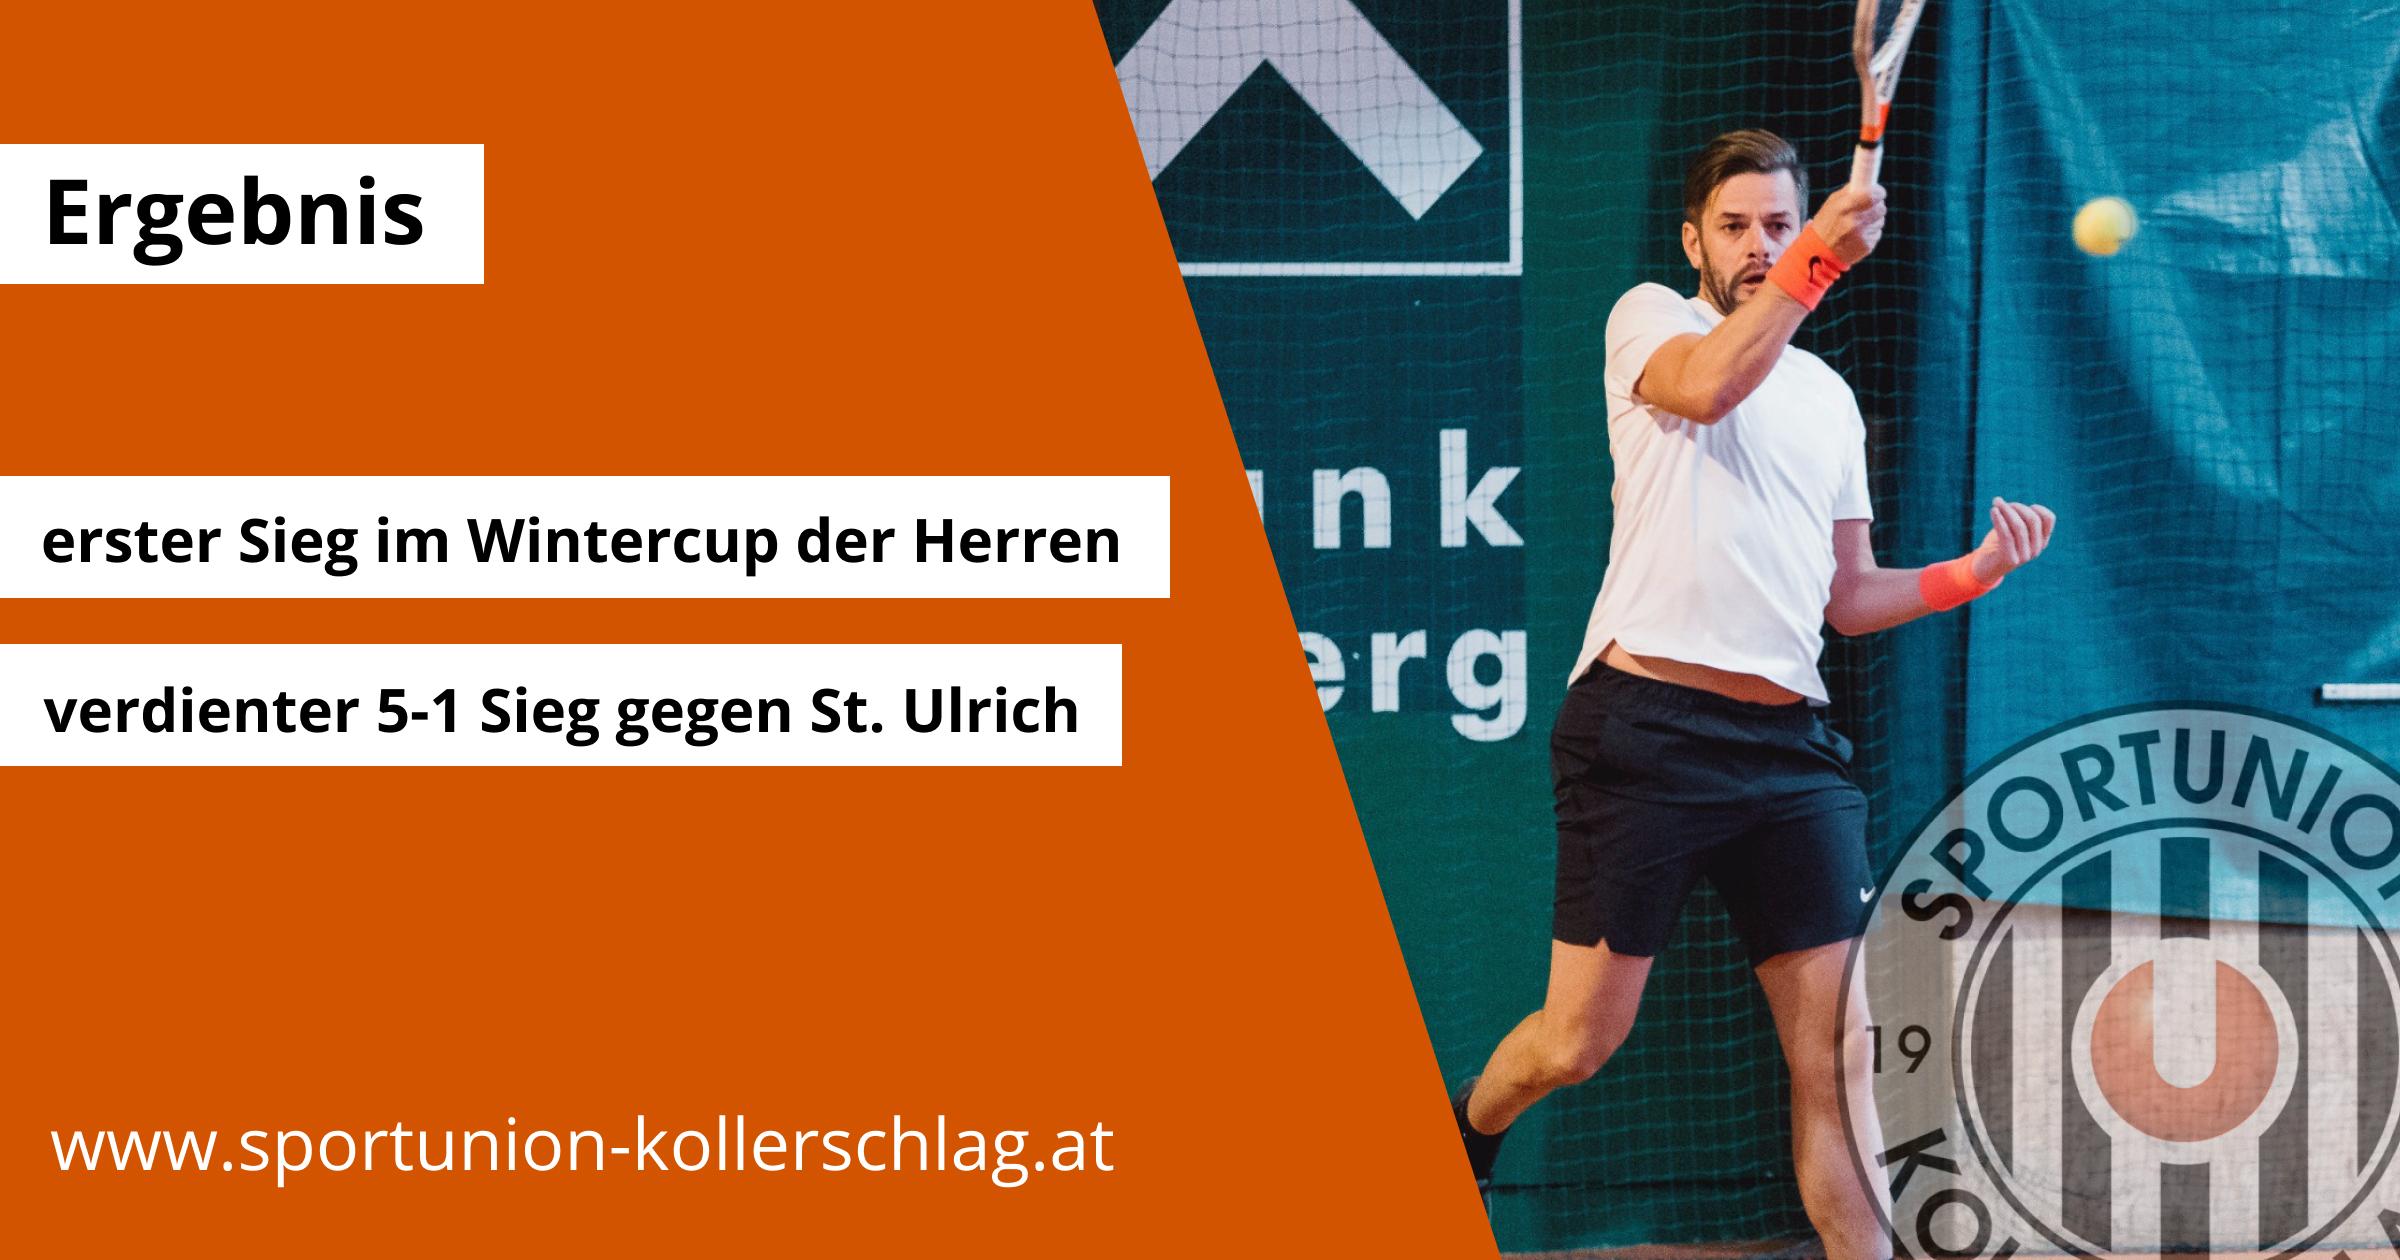 Erste Sieg unserer Tennis Herren im Wintercup